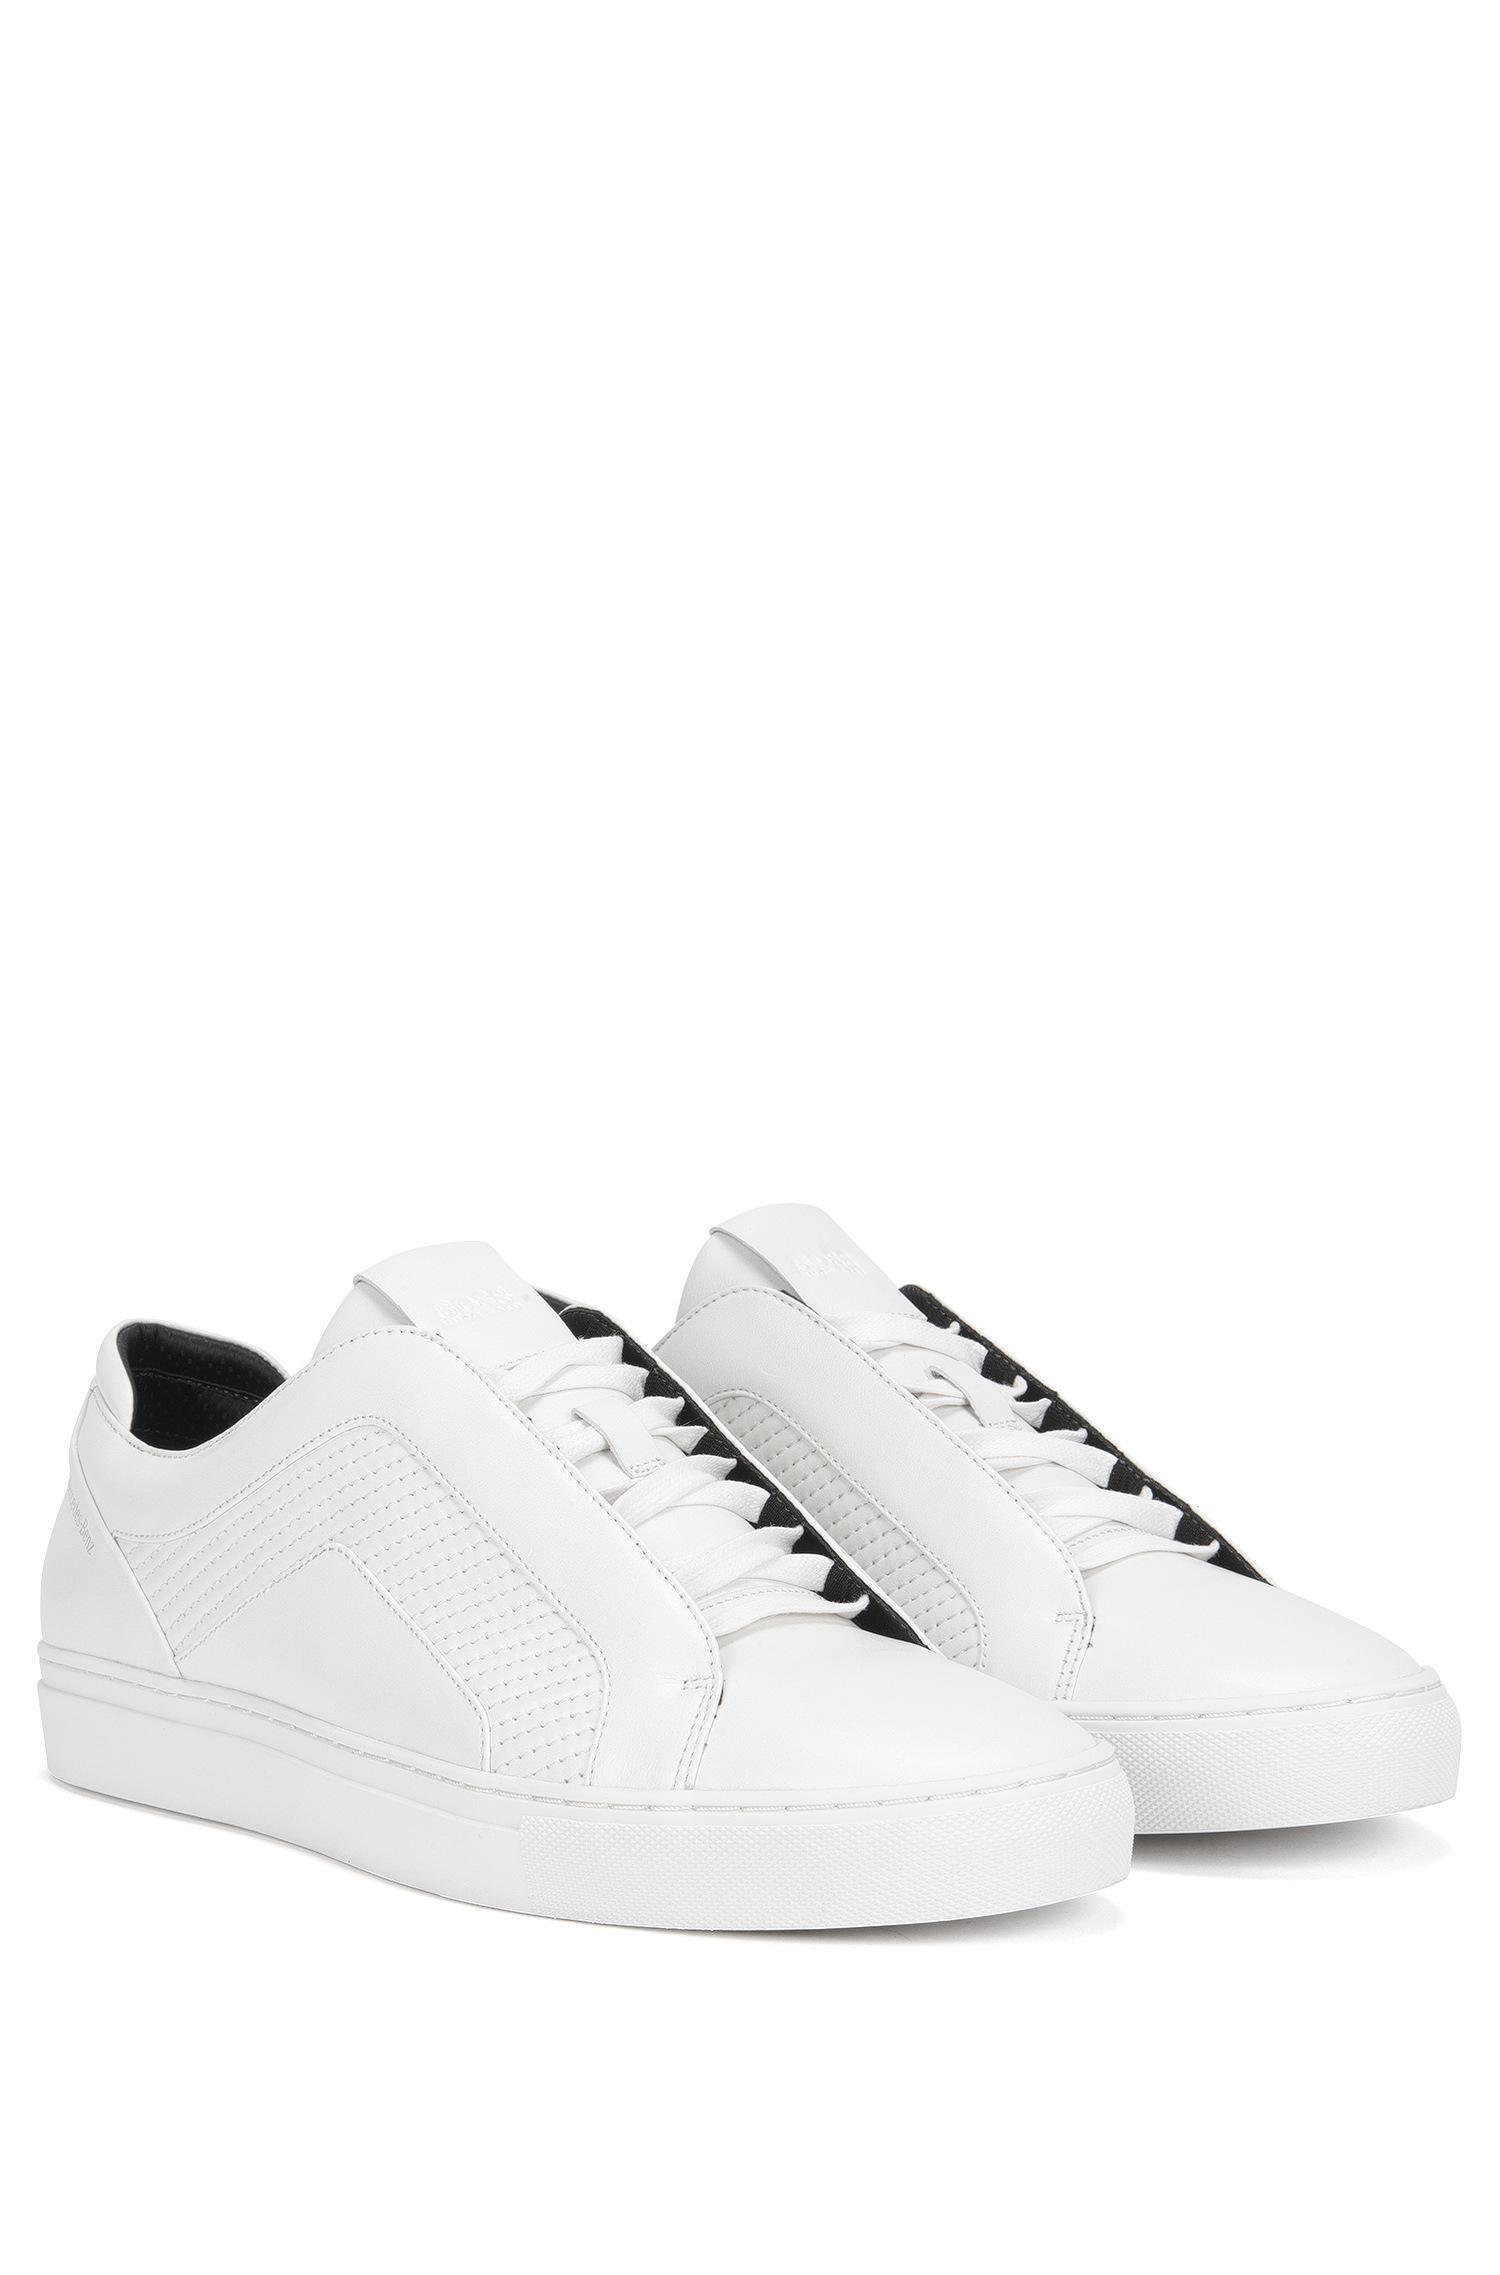 hugo boss mercedes shoes